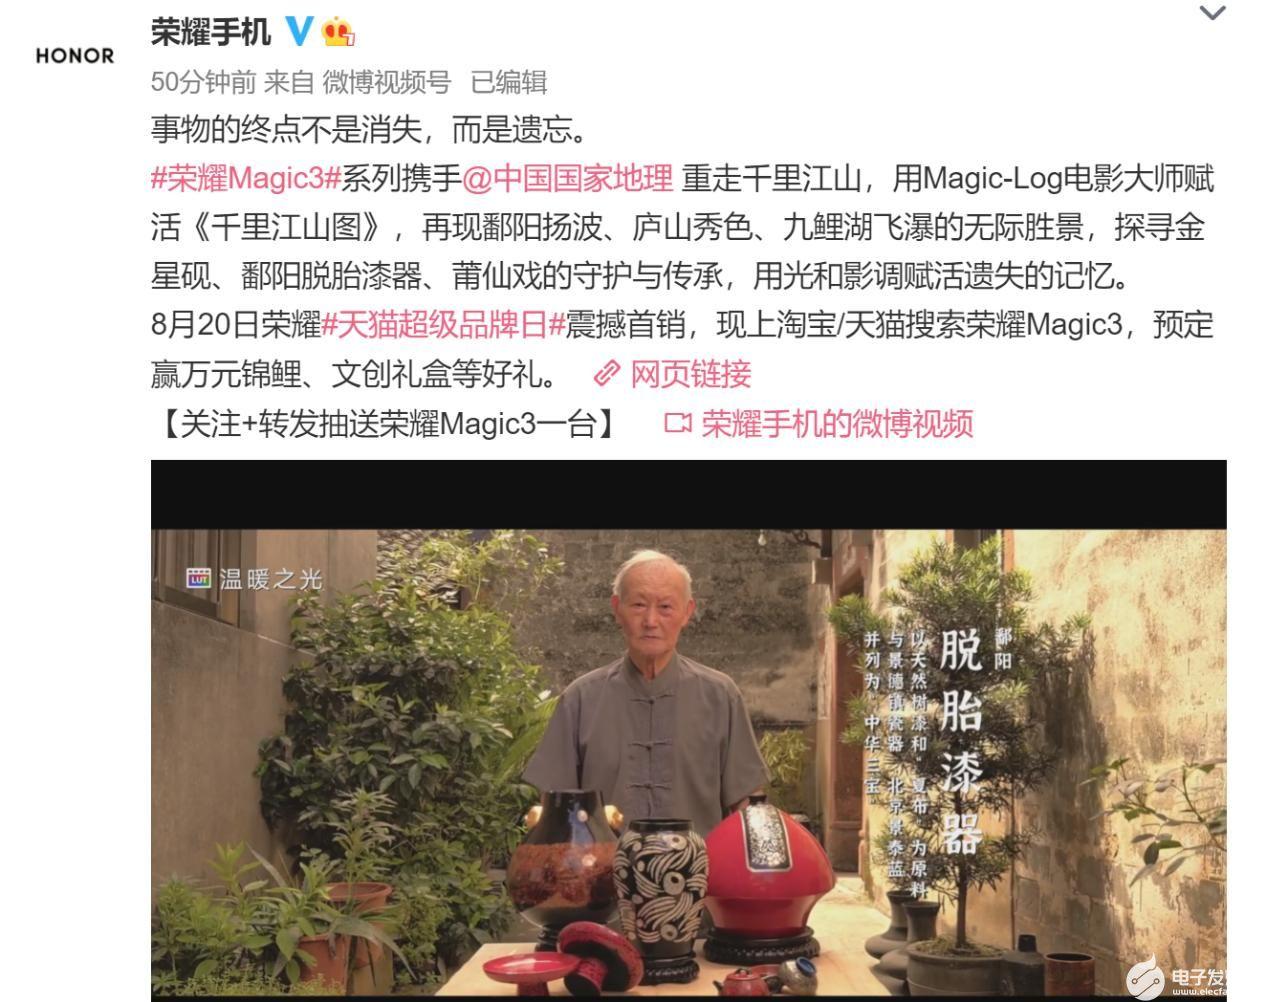 全能科技旗艦榮耀Magic3系列賦活《千里江山圖》 電影級影像天貓超品日火熱預售中